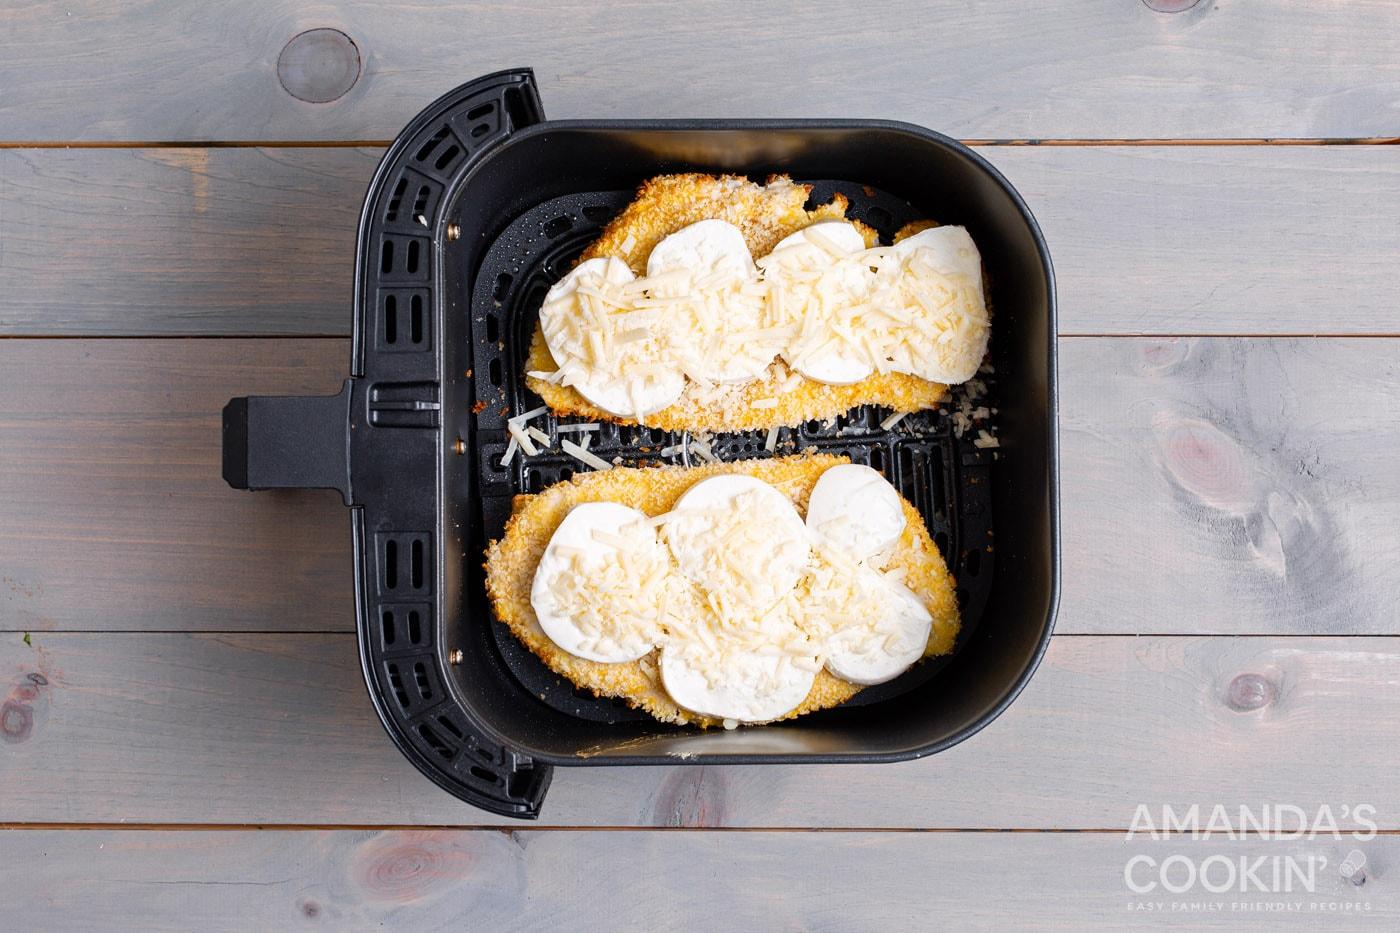 cheese on chicken in air fryer